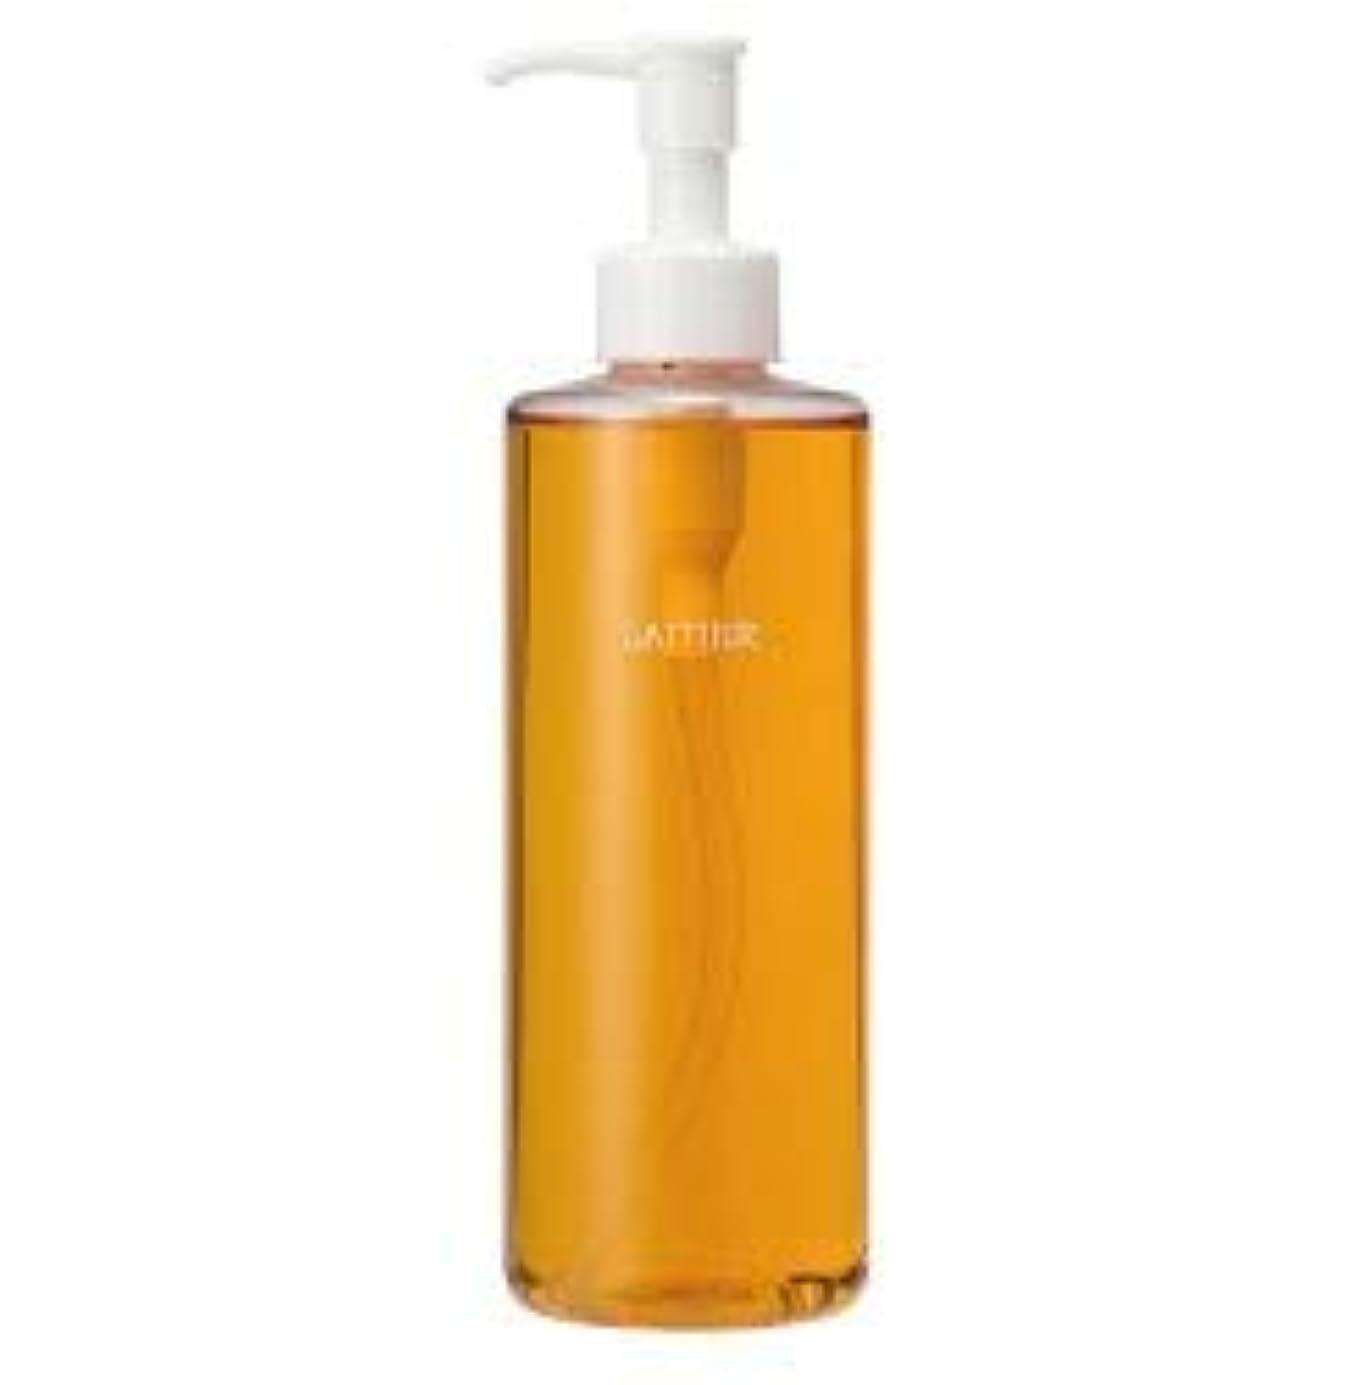 アロエエキスの整肌効果で、透明感のある肌へとみちびきます。LAITIER レチエ スキンローションA 300ml 化粧品 メイク 化粧水 肌 綺麗